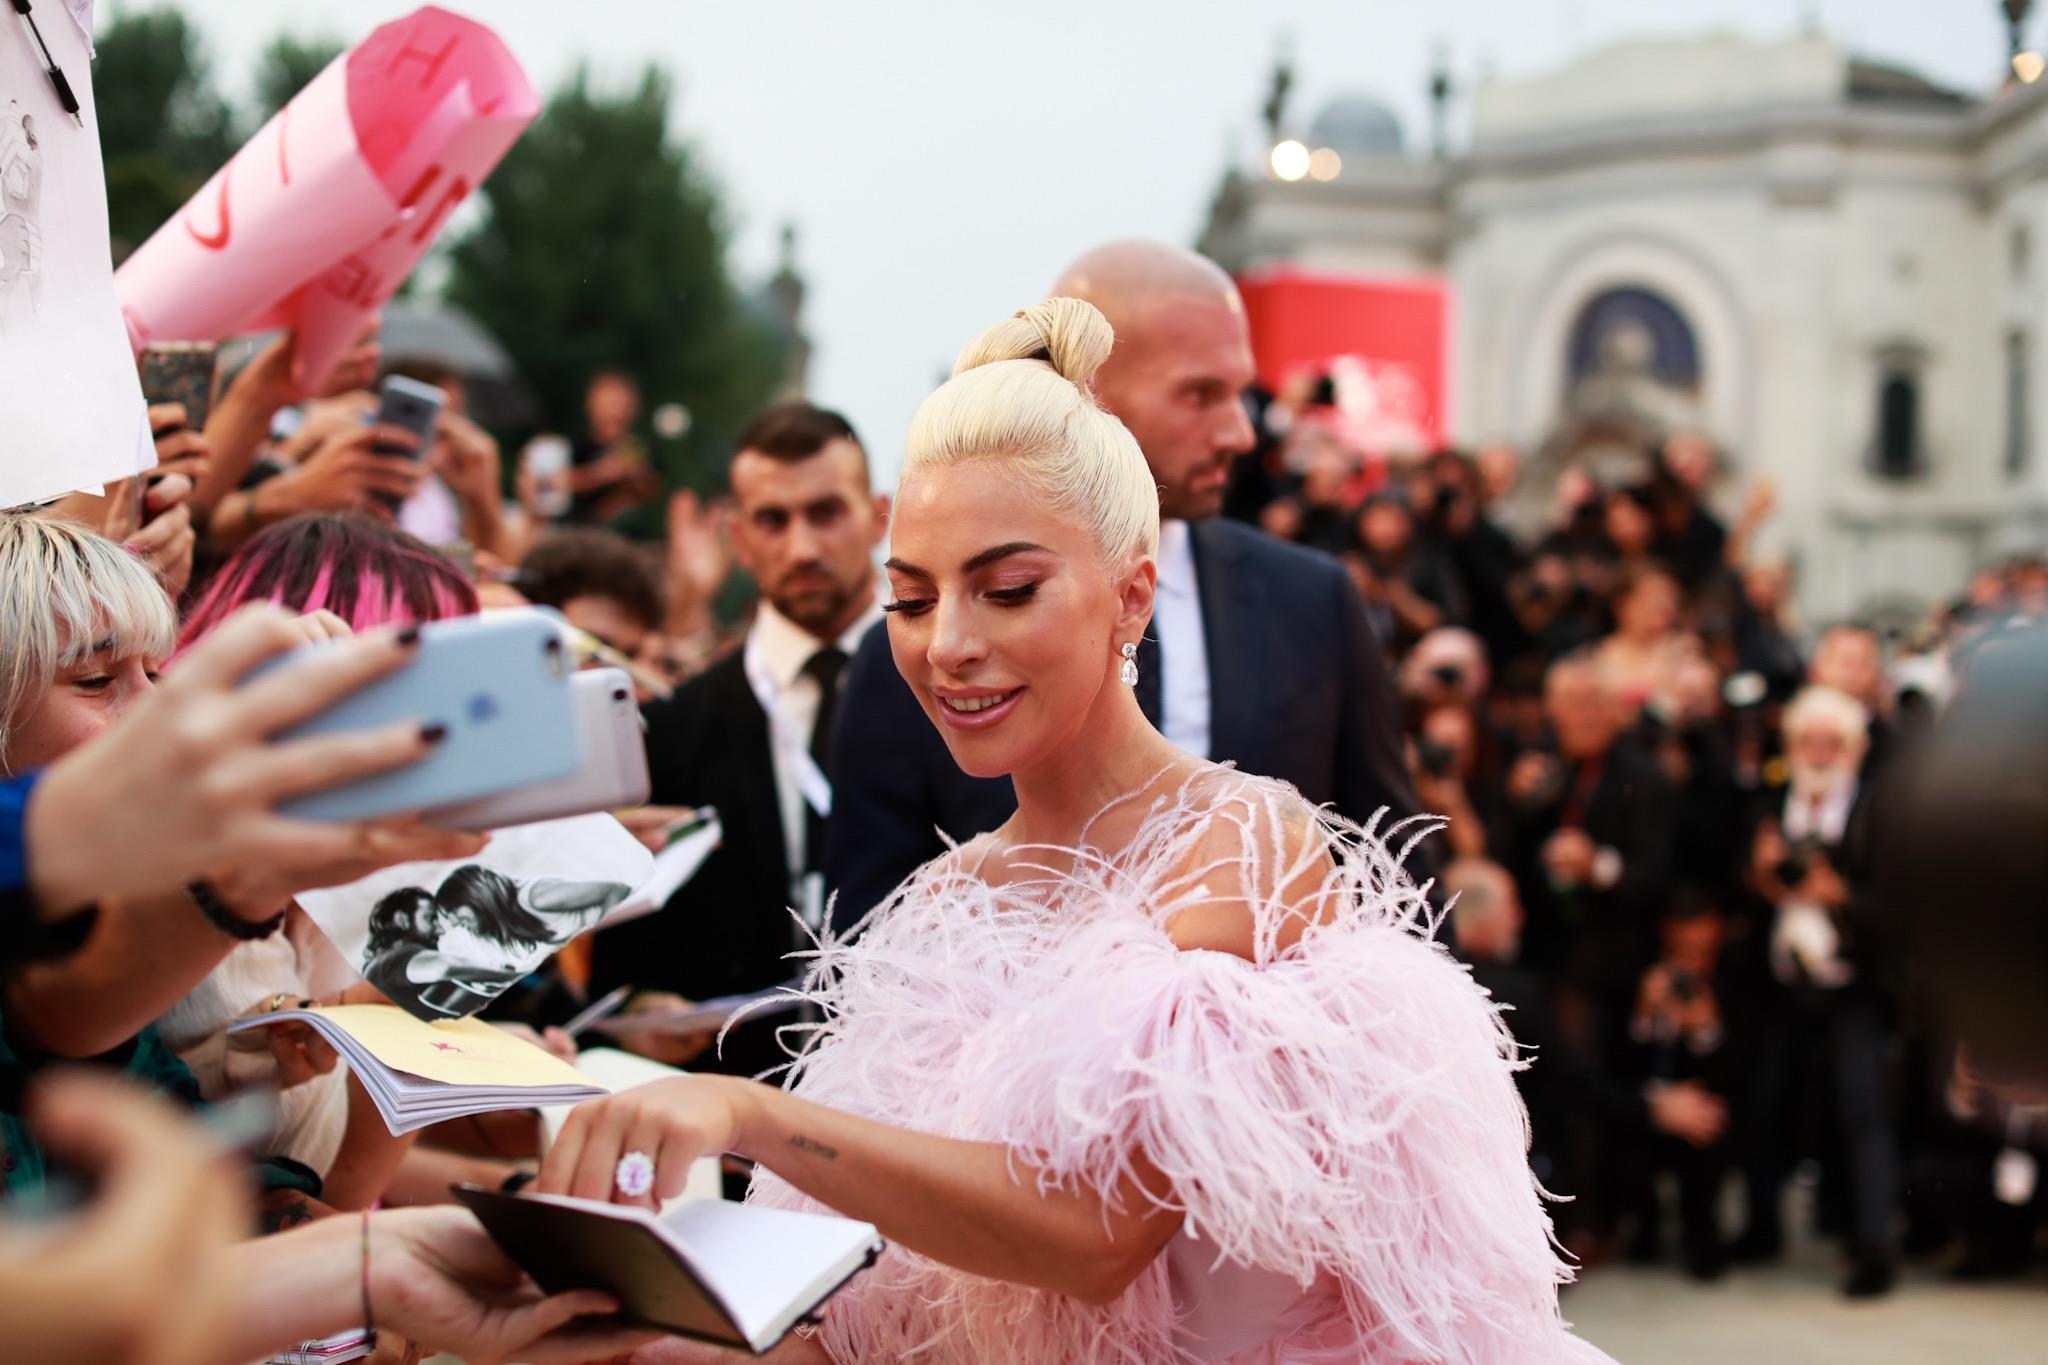 Festival Cinema Venezia 2018 red carpet A Star Is Born